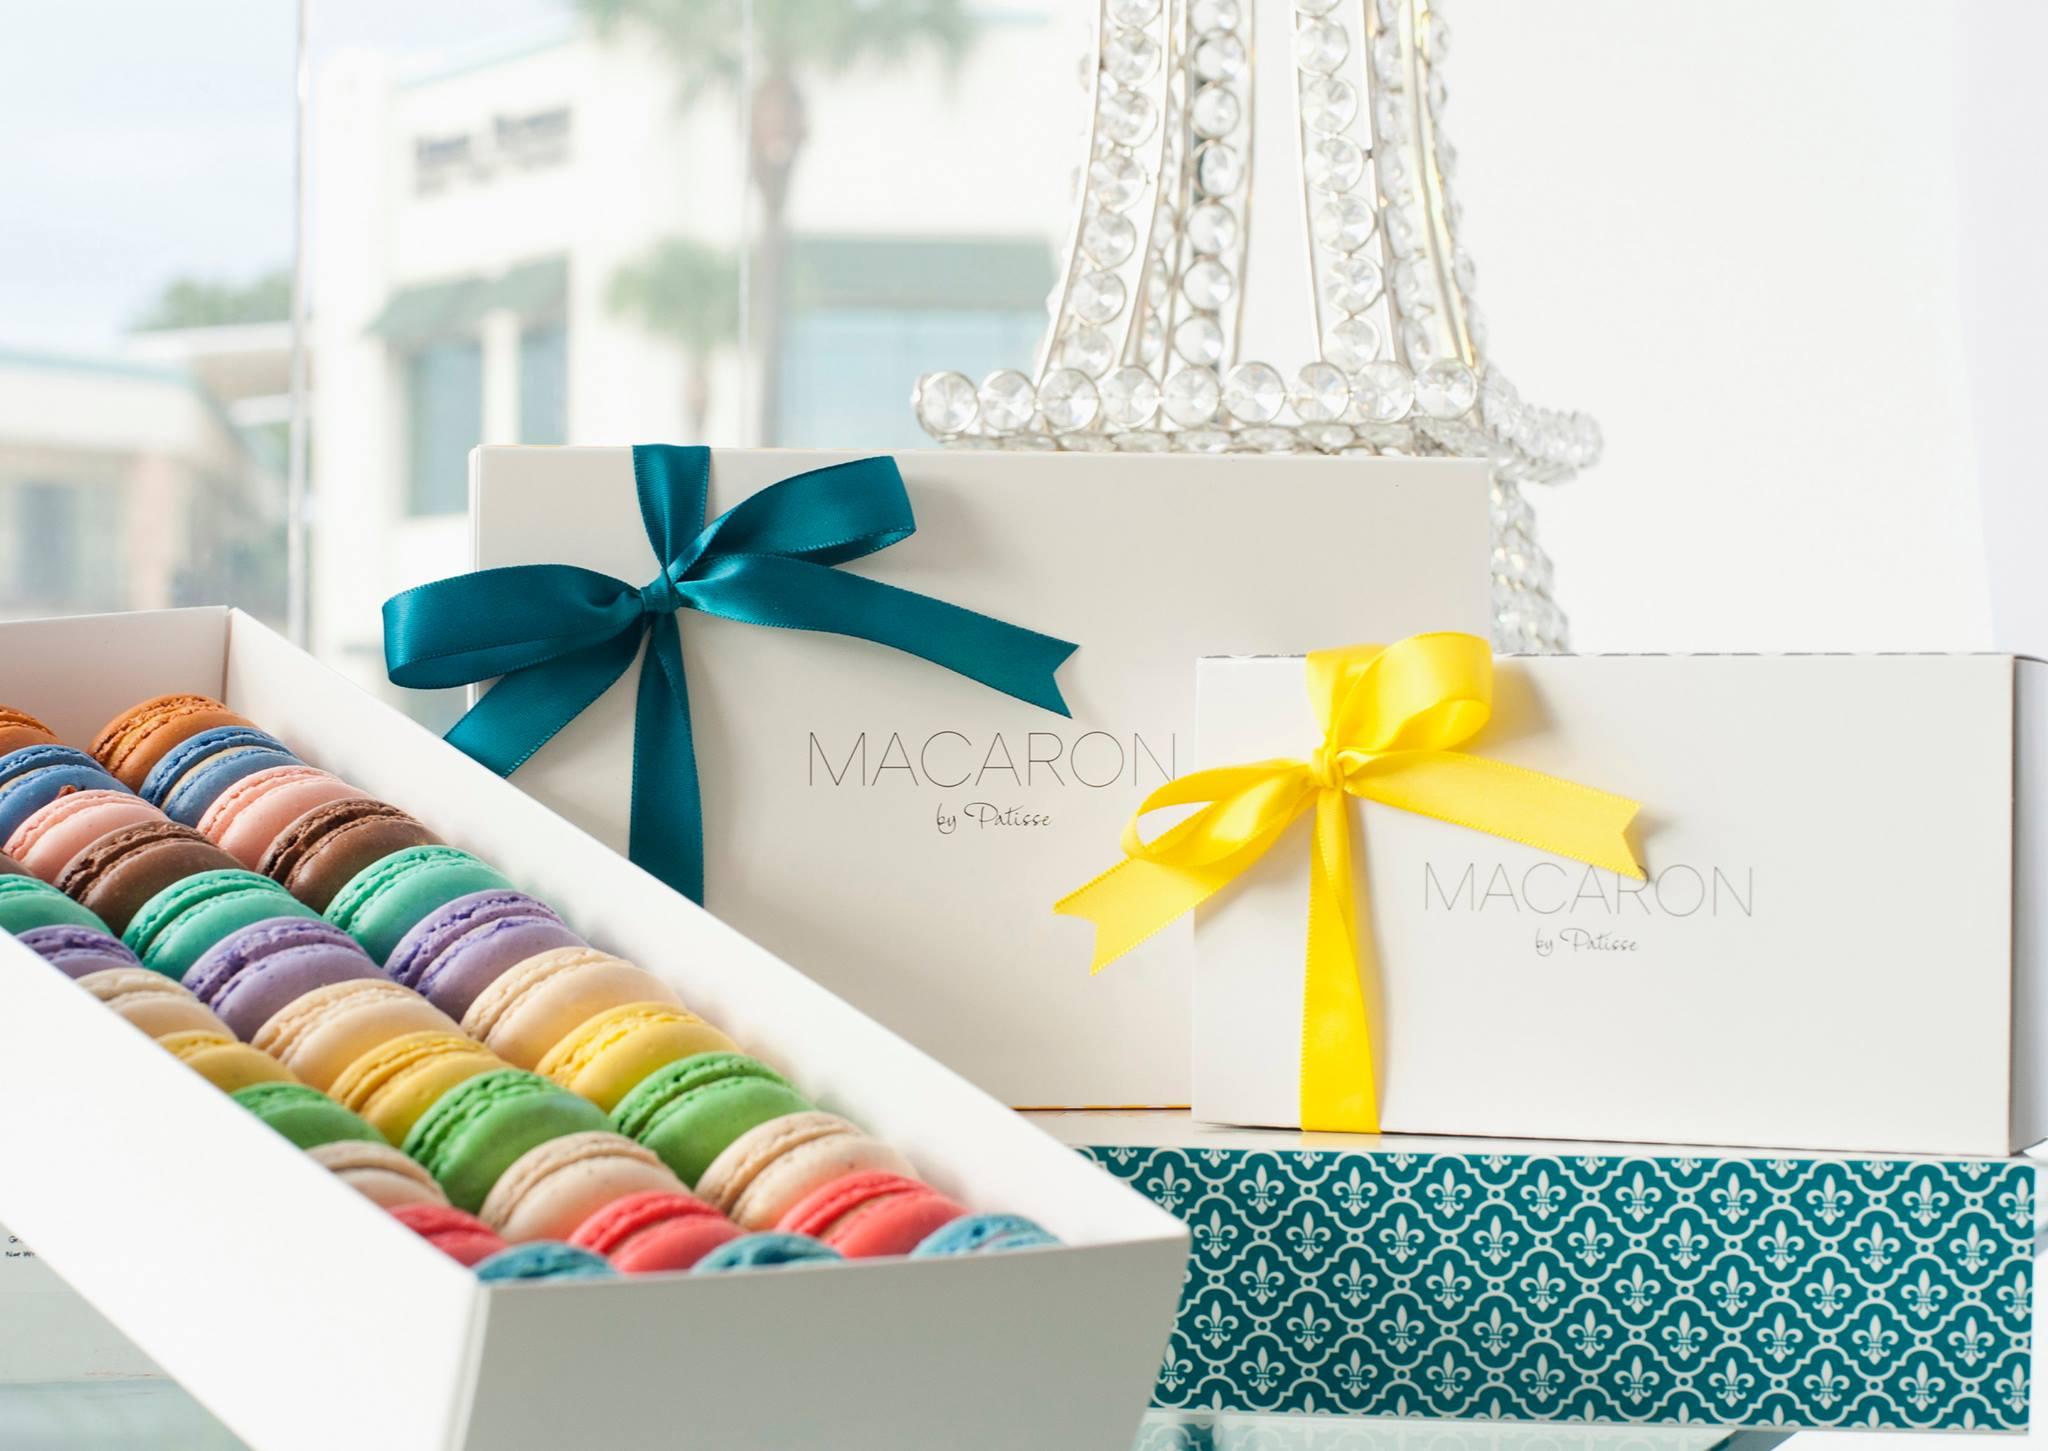 Build your Own 2 Dozen MACARON Gift Box & Build your Own 2 Dozen MACARON Gift Box u2014 Macaron by Patisse